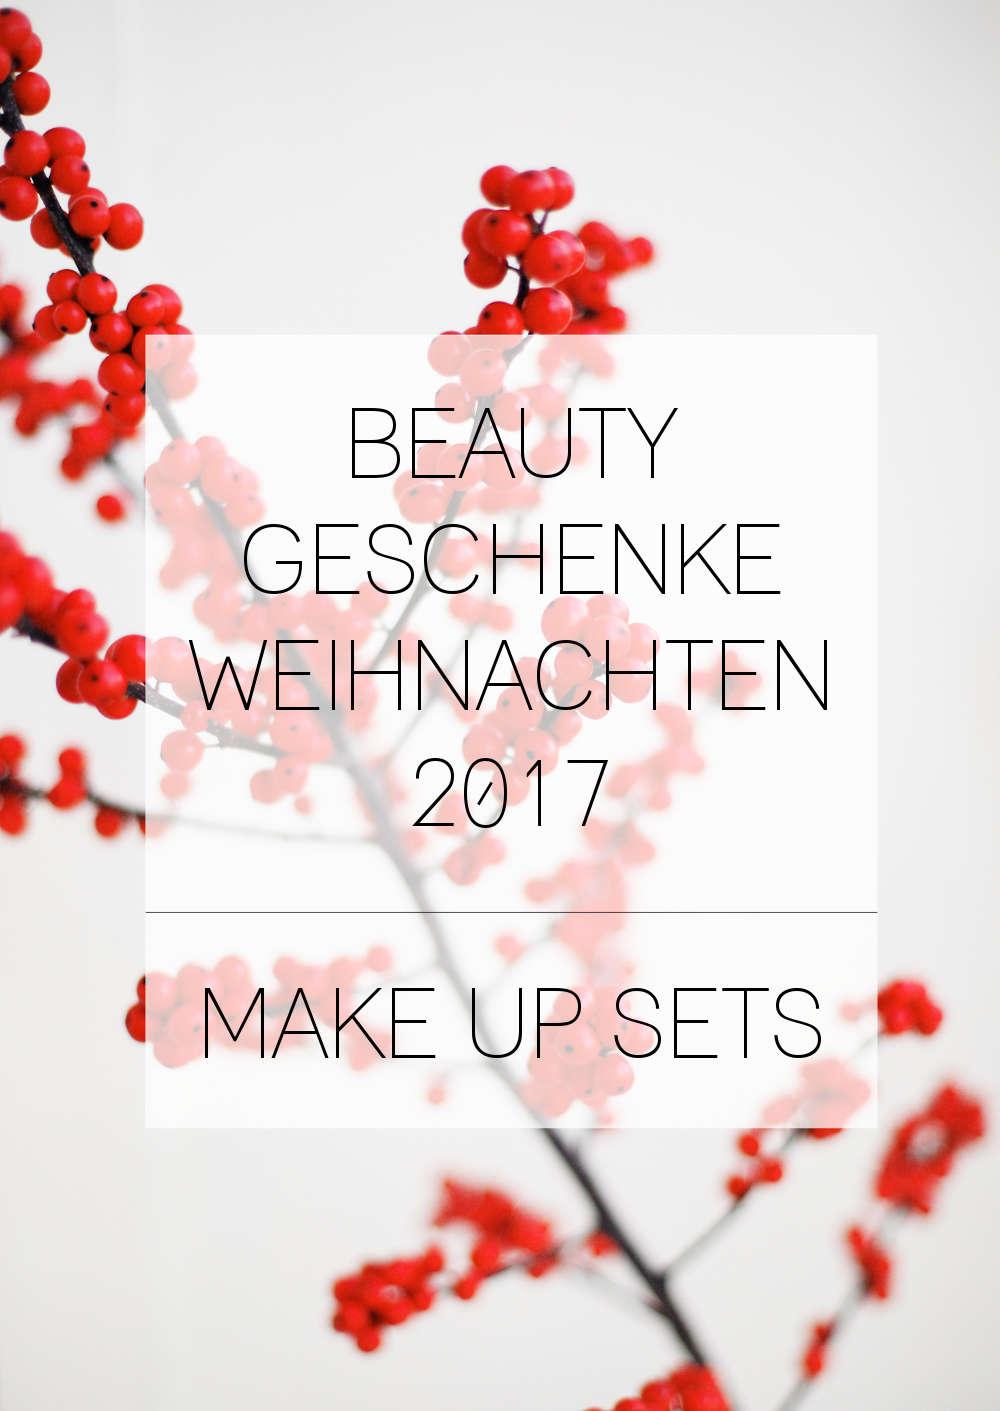 Besondere Beauty Geschenke für Weihnachten: Make Up Sets - Cream\'s ...